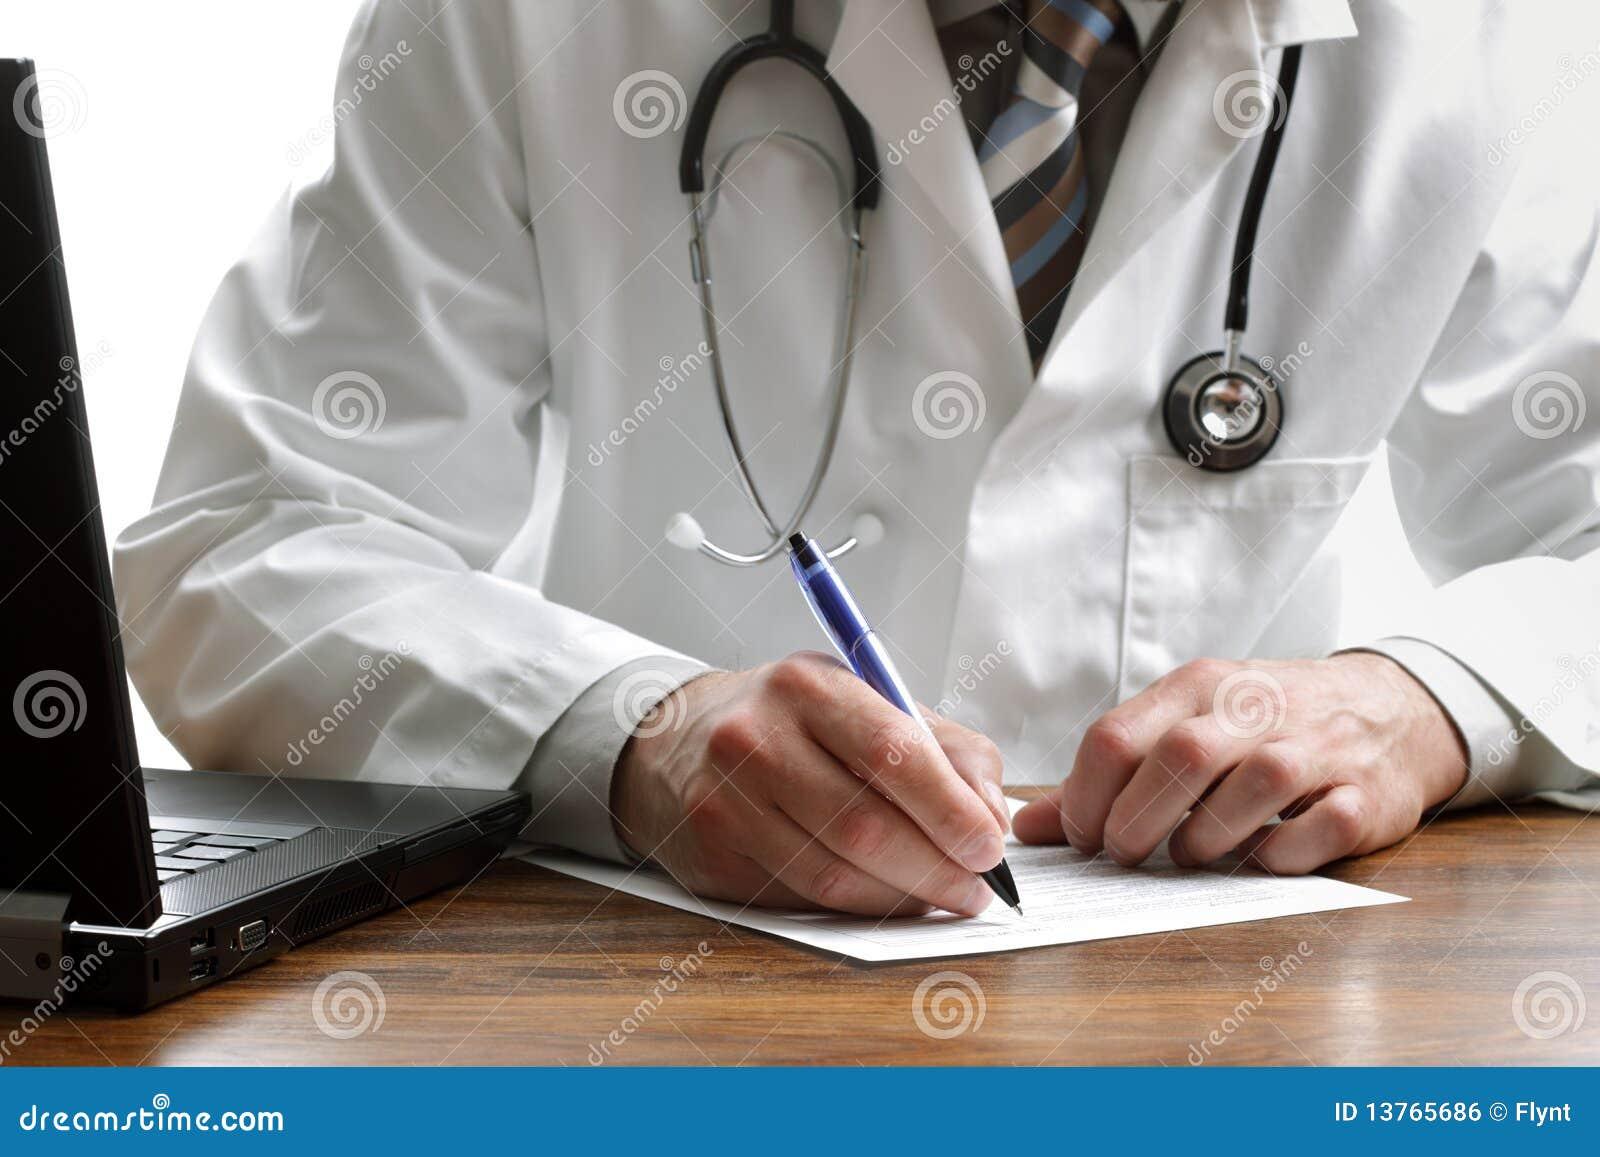 Writing a prescription or medical examination